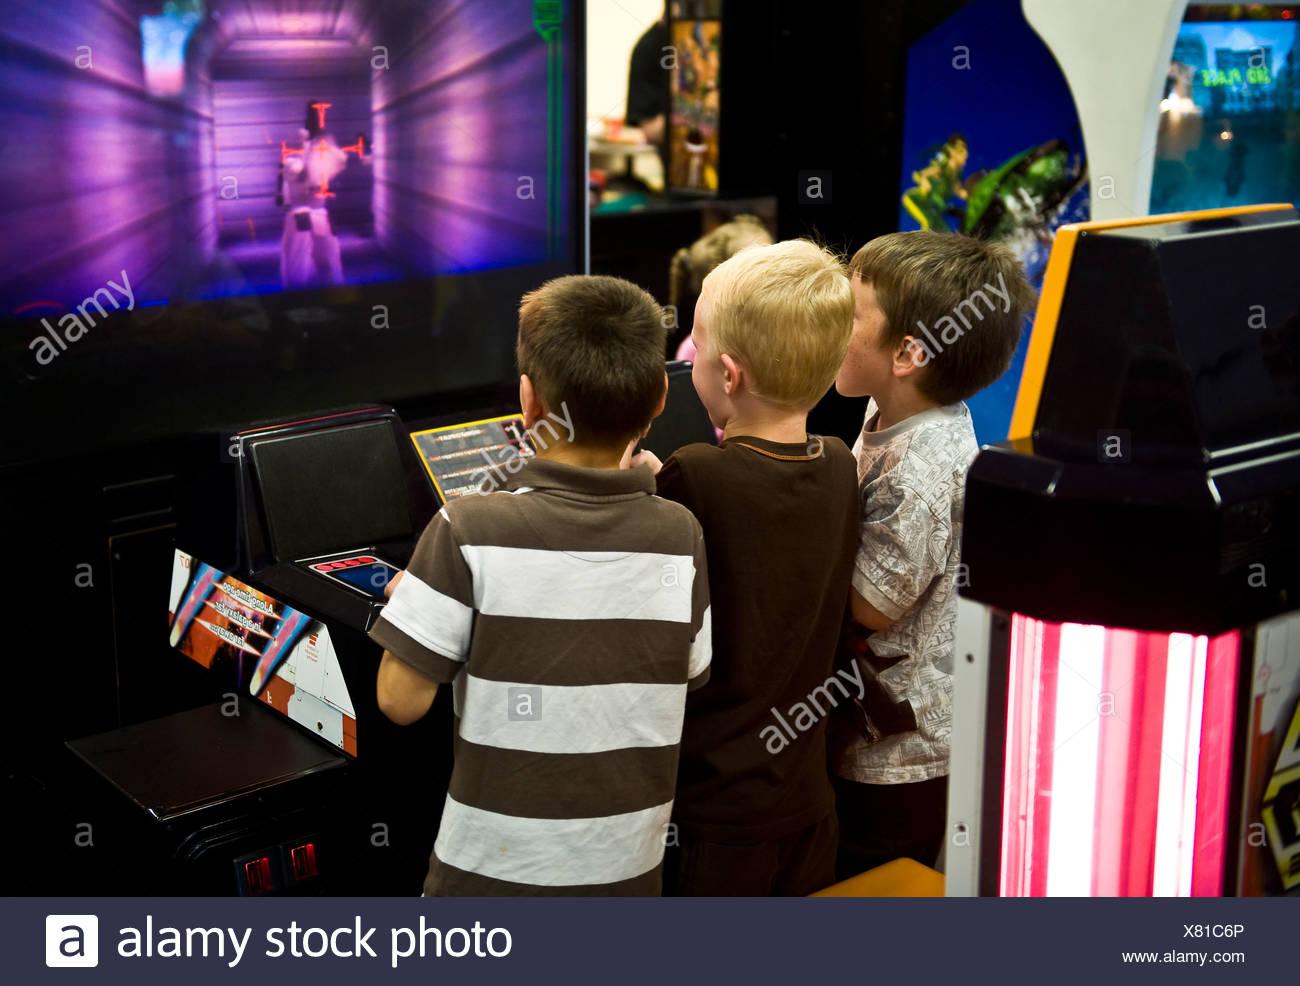 Des garçons jouent à un jeu vidéo dans une arcade Photo Stock